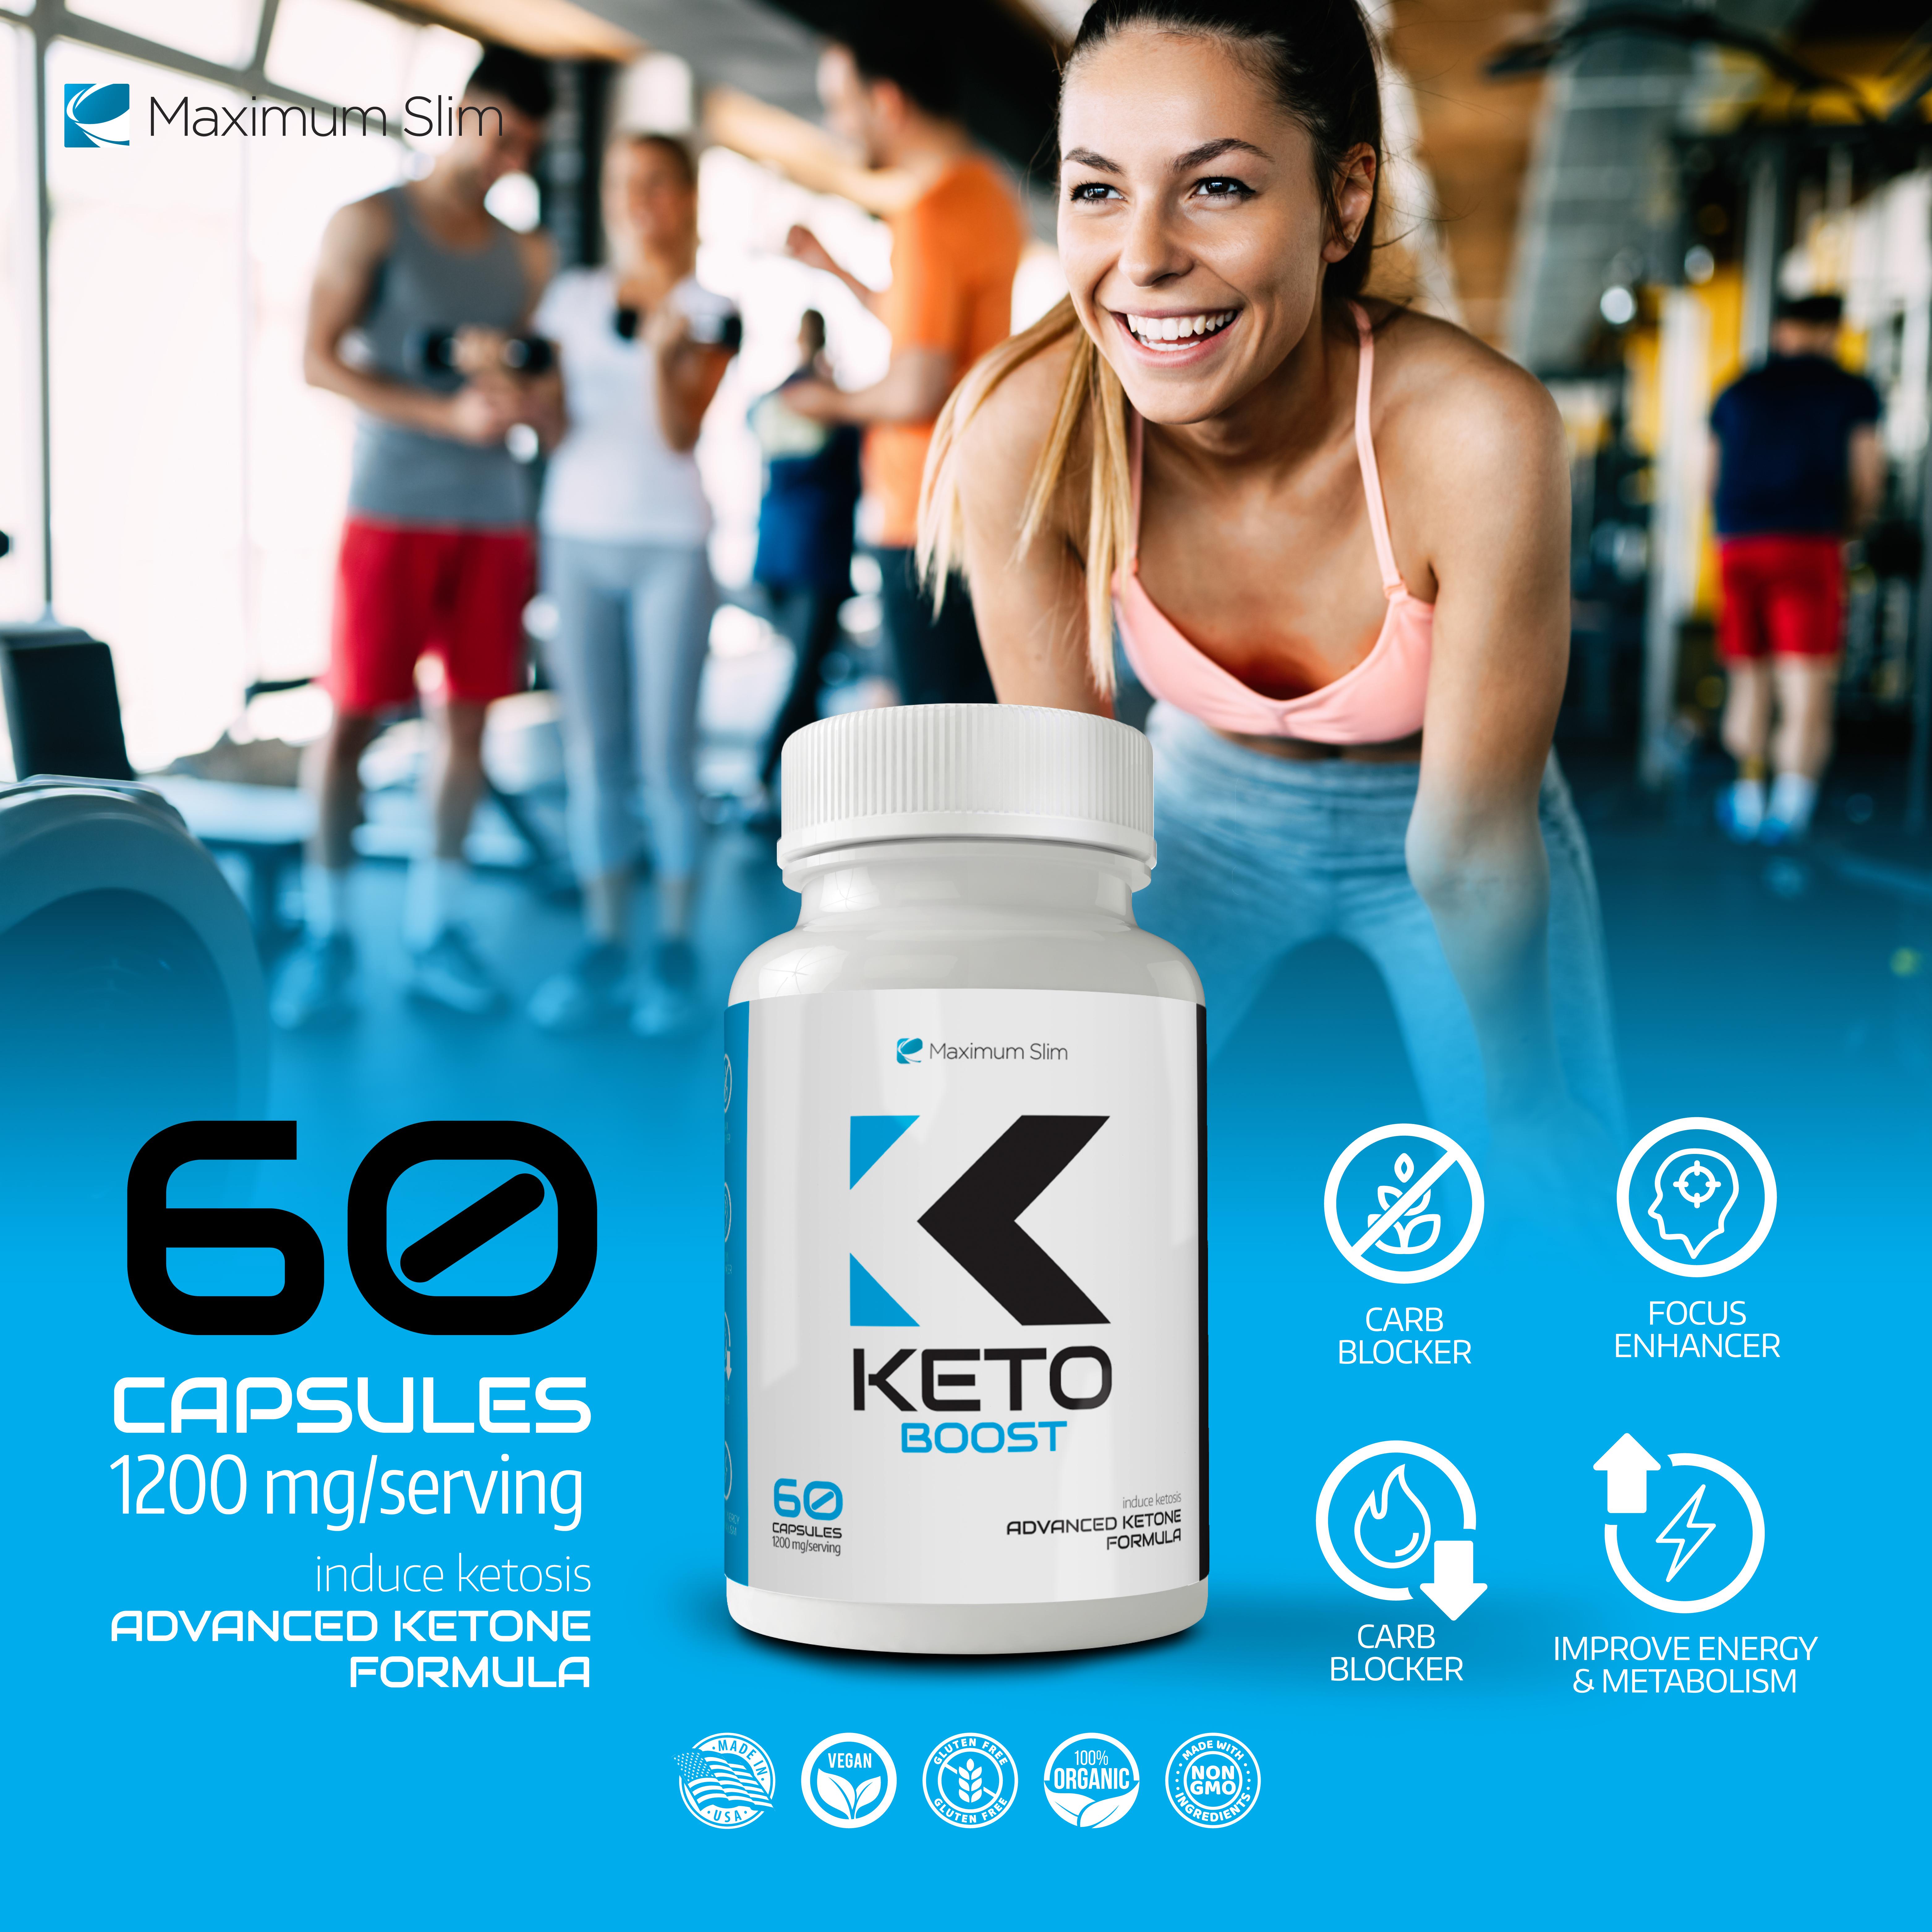 keto-boost-presentation-rev01a.jpg